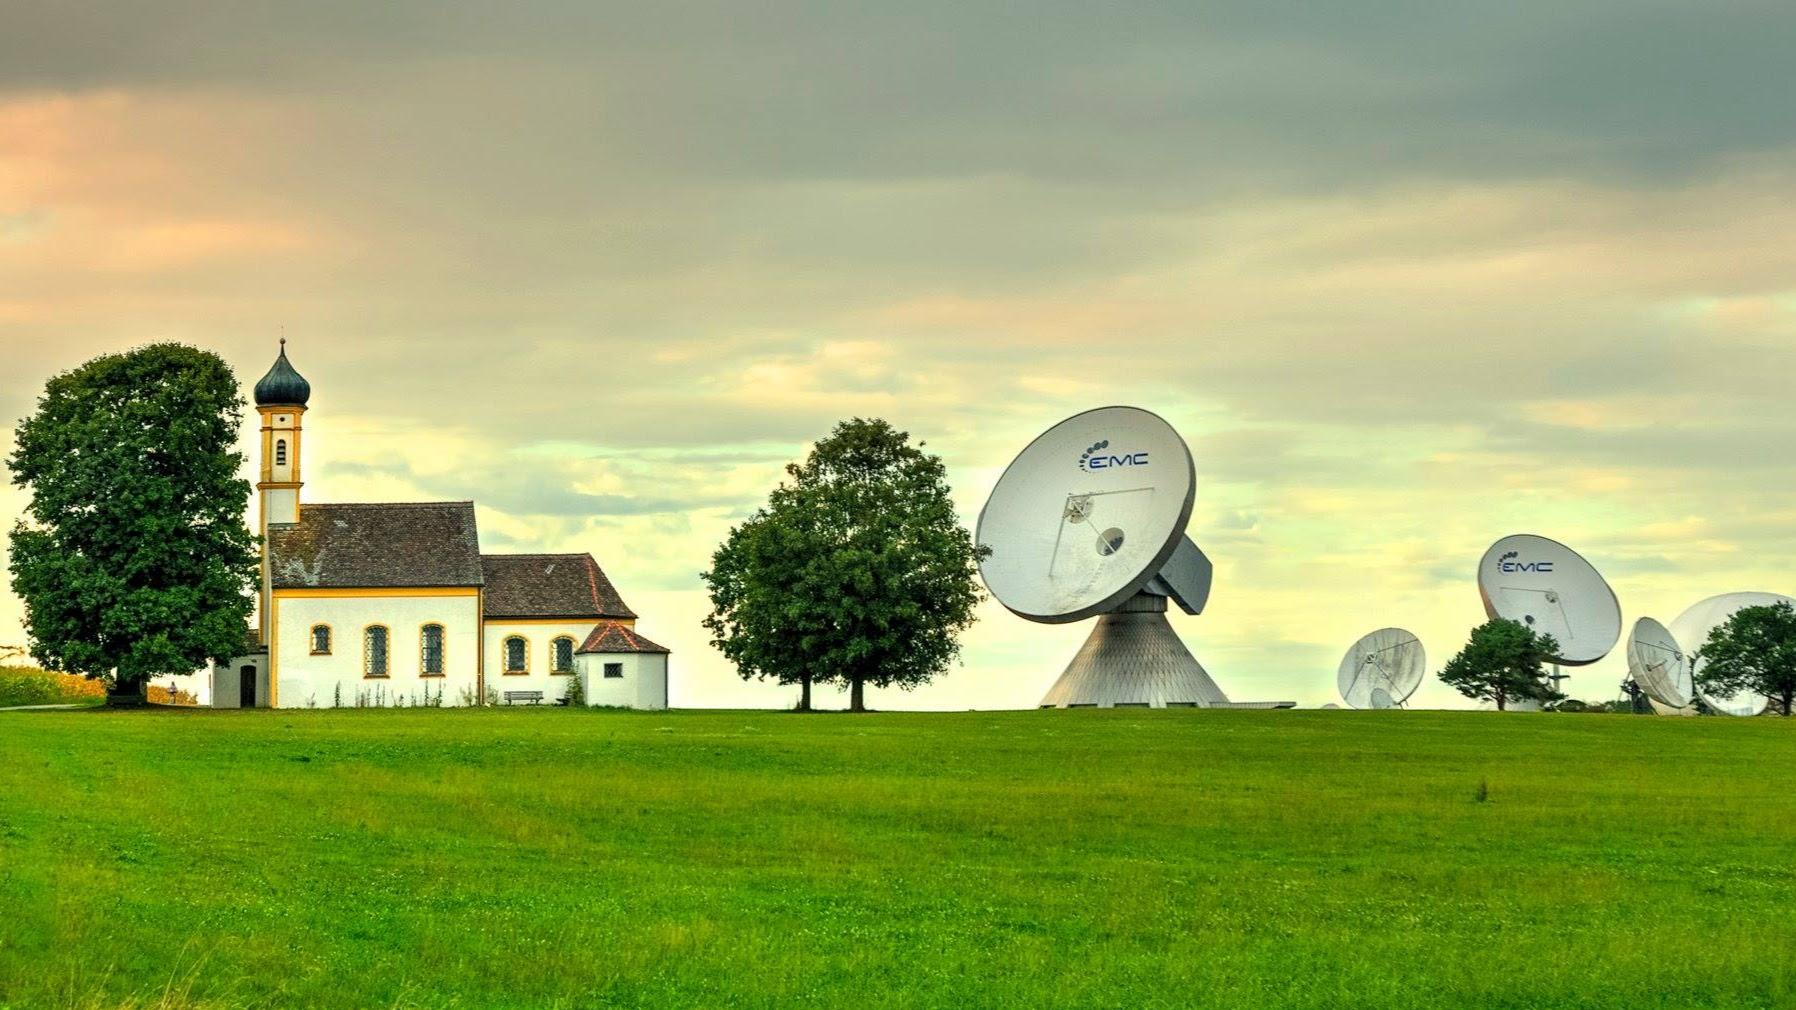 radom-raisting-new-wayfarer-michał-fic-satelity-niemcy-bawaria